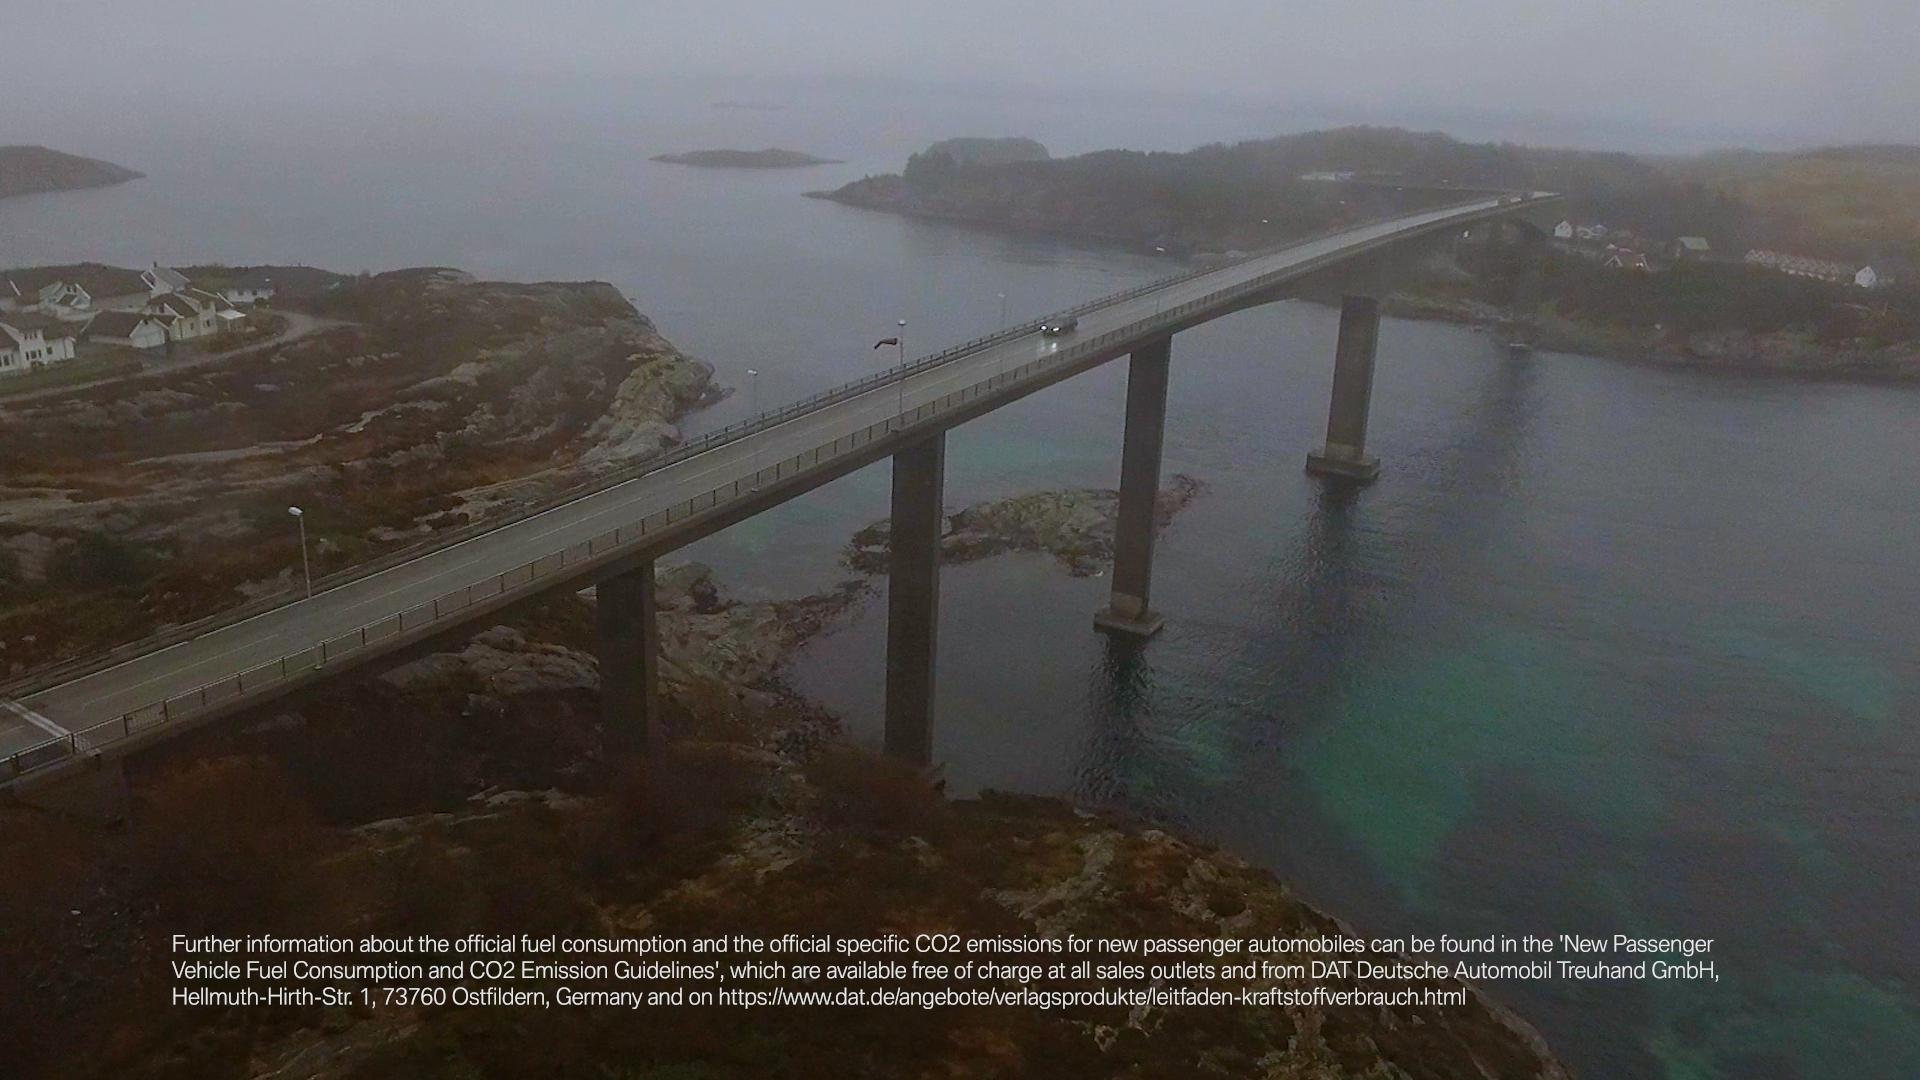 Schwarzer BMW SeeBrücke Schweden Nordeuropa Filmproduktion xdrive Locationscouting ressourcenmangel Berlin Knitterfisch dresden